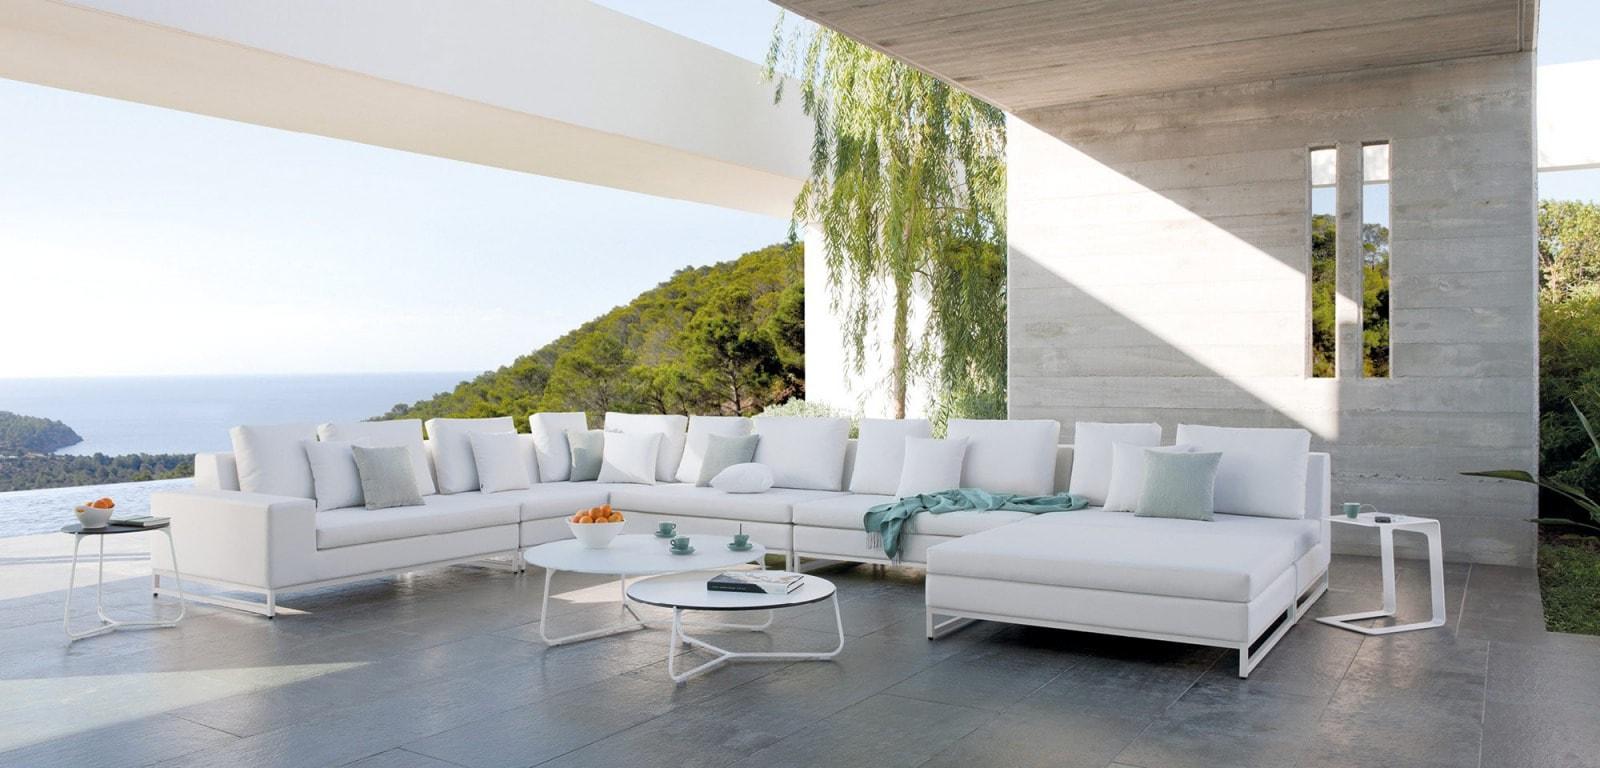 Salon de jardin Côte d\'Azur, aménagement et mobilier d ...